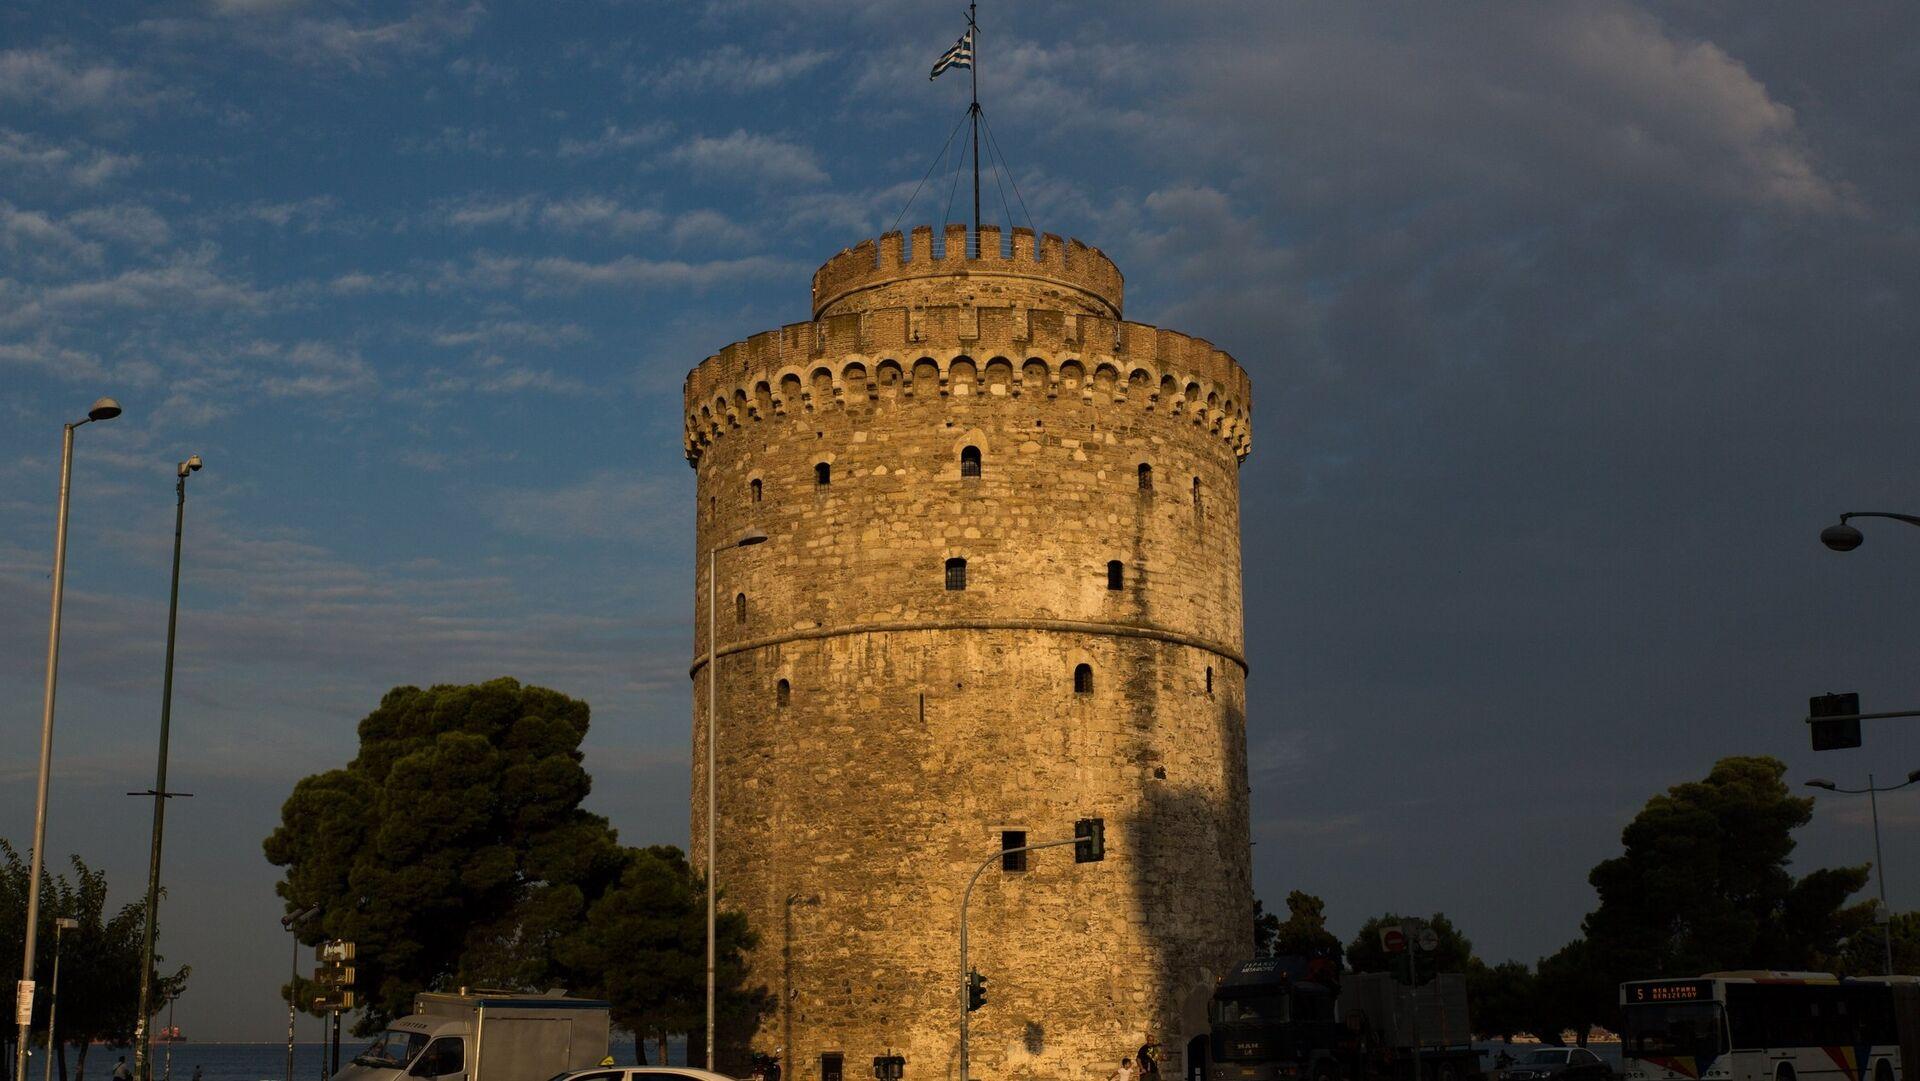 Ο Λευκός Πύργος το σούρουπο - Sputnik Ελλάδα, 1920, 10.10.2021